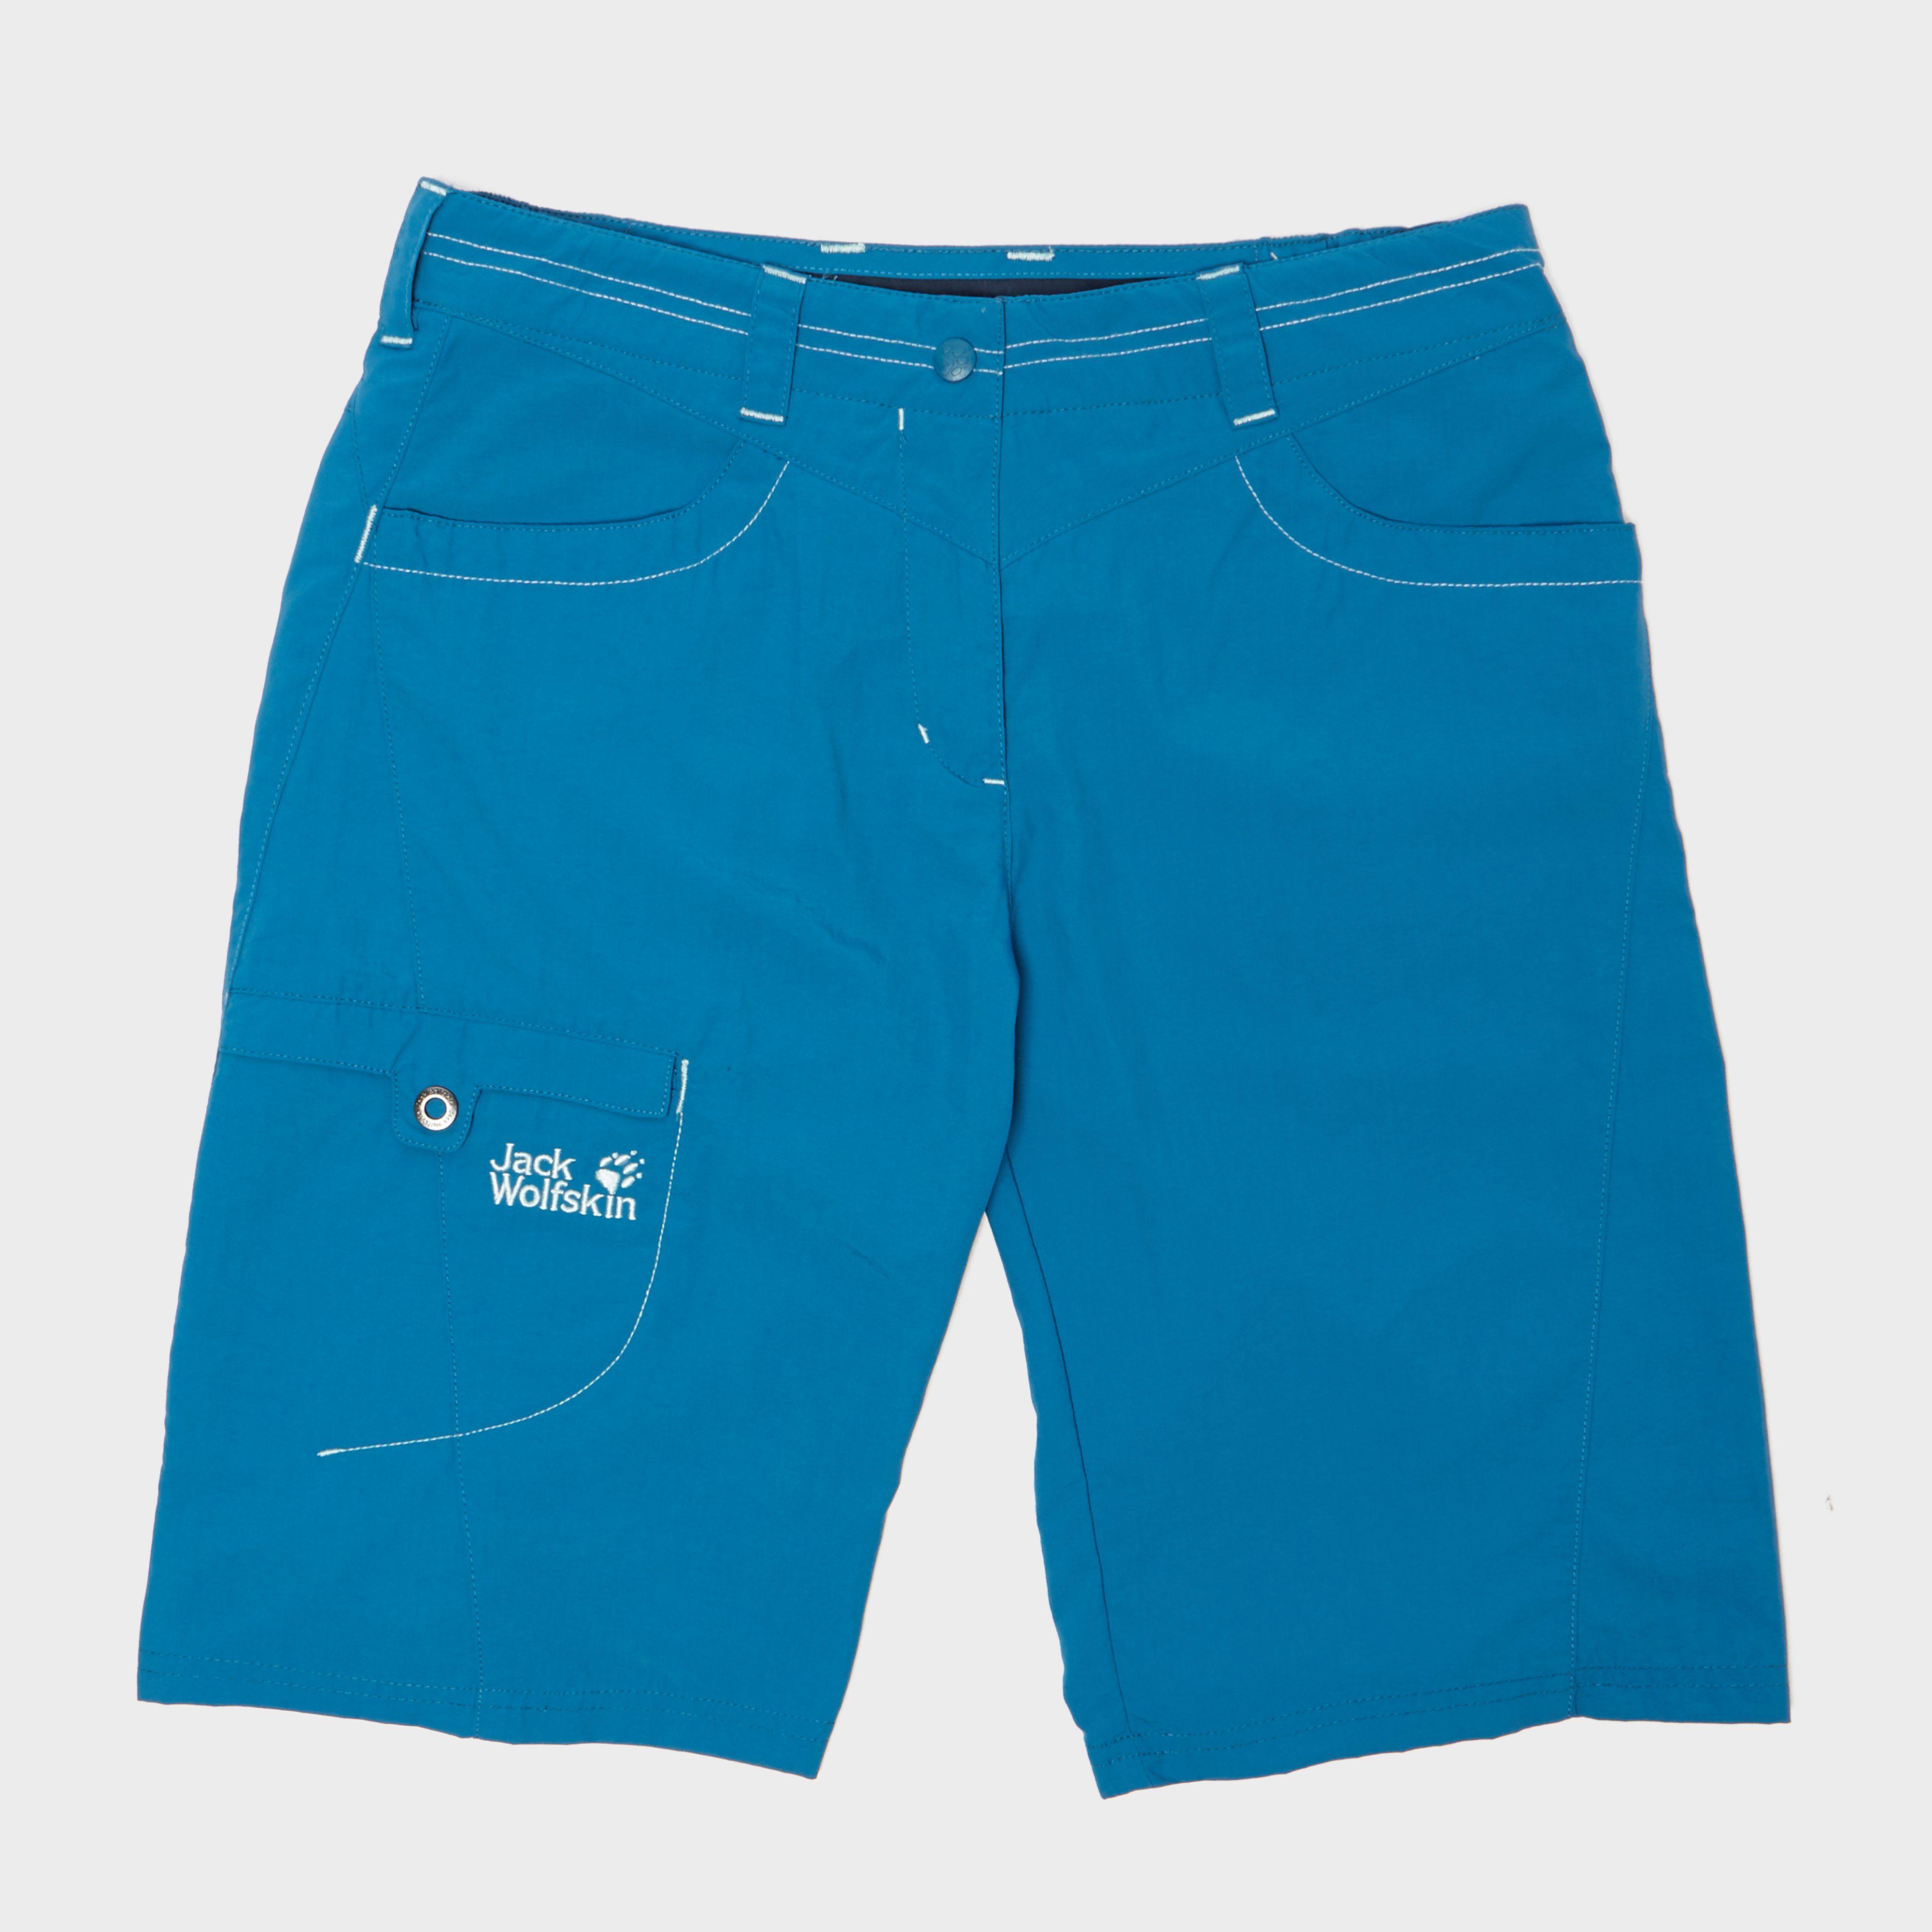 JACK WOLFSKIN Women's Sun Shorts